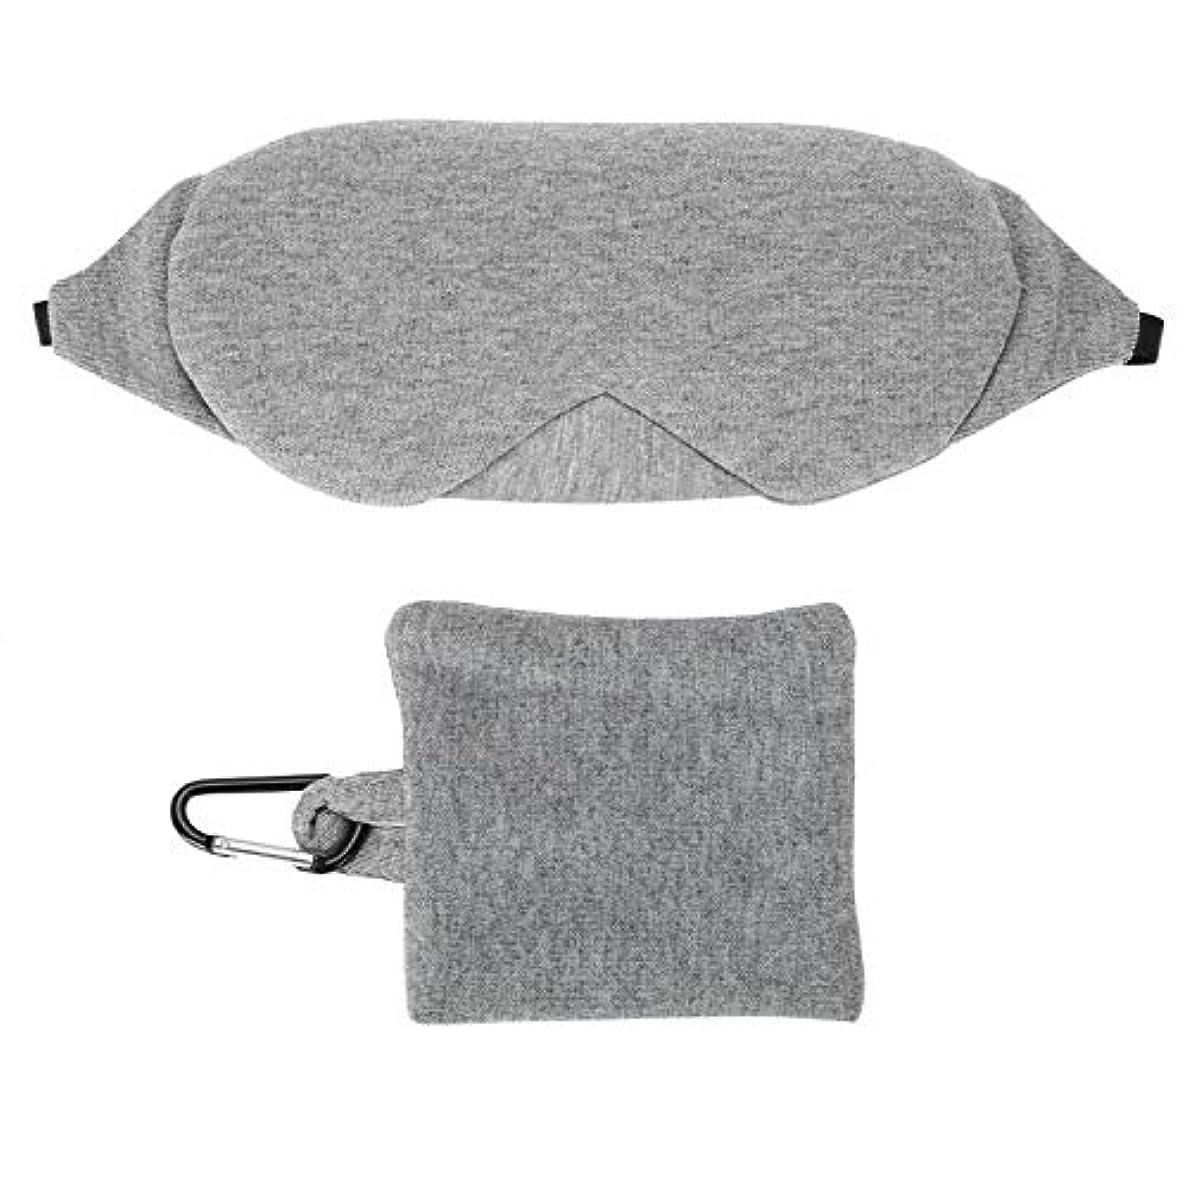 二十覗くパントリーNOTE 調節可能な睡眠マスク通気性アイシェードカバー目隠しアイパッチ睡眠マスク助けて不眠症ヘルスケアツール